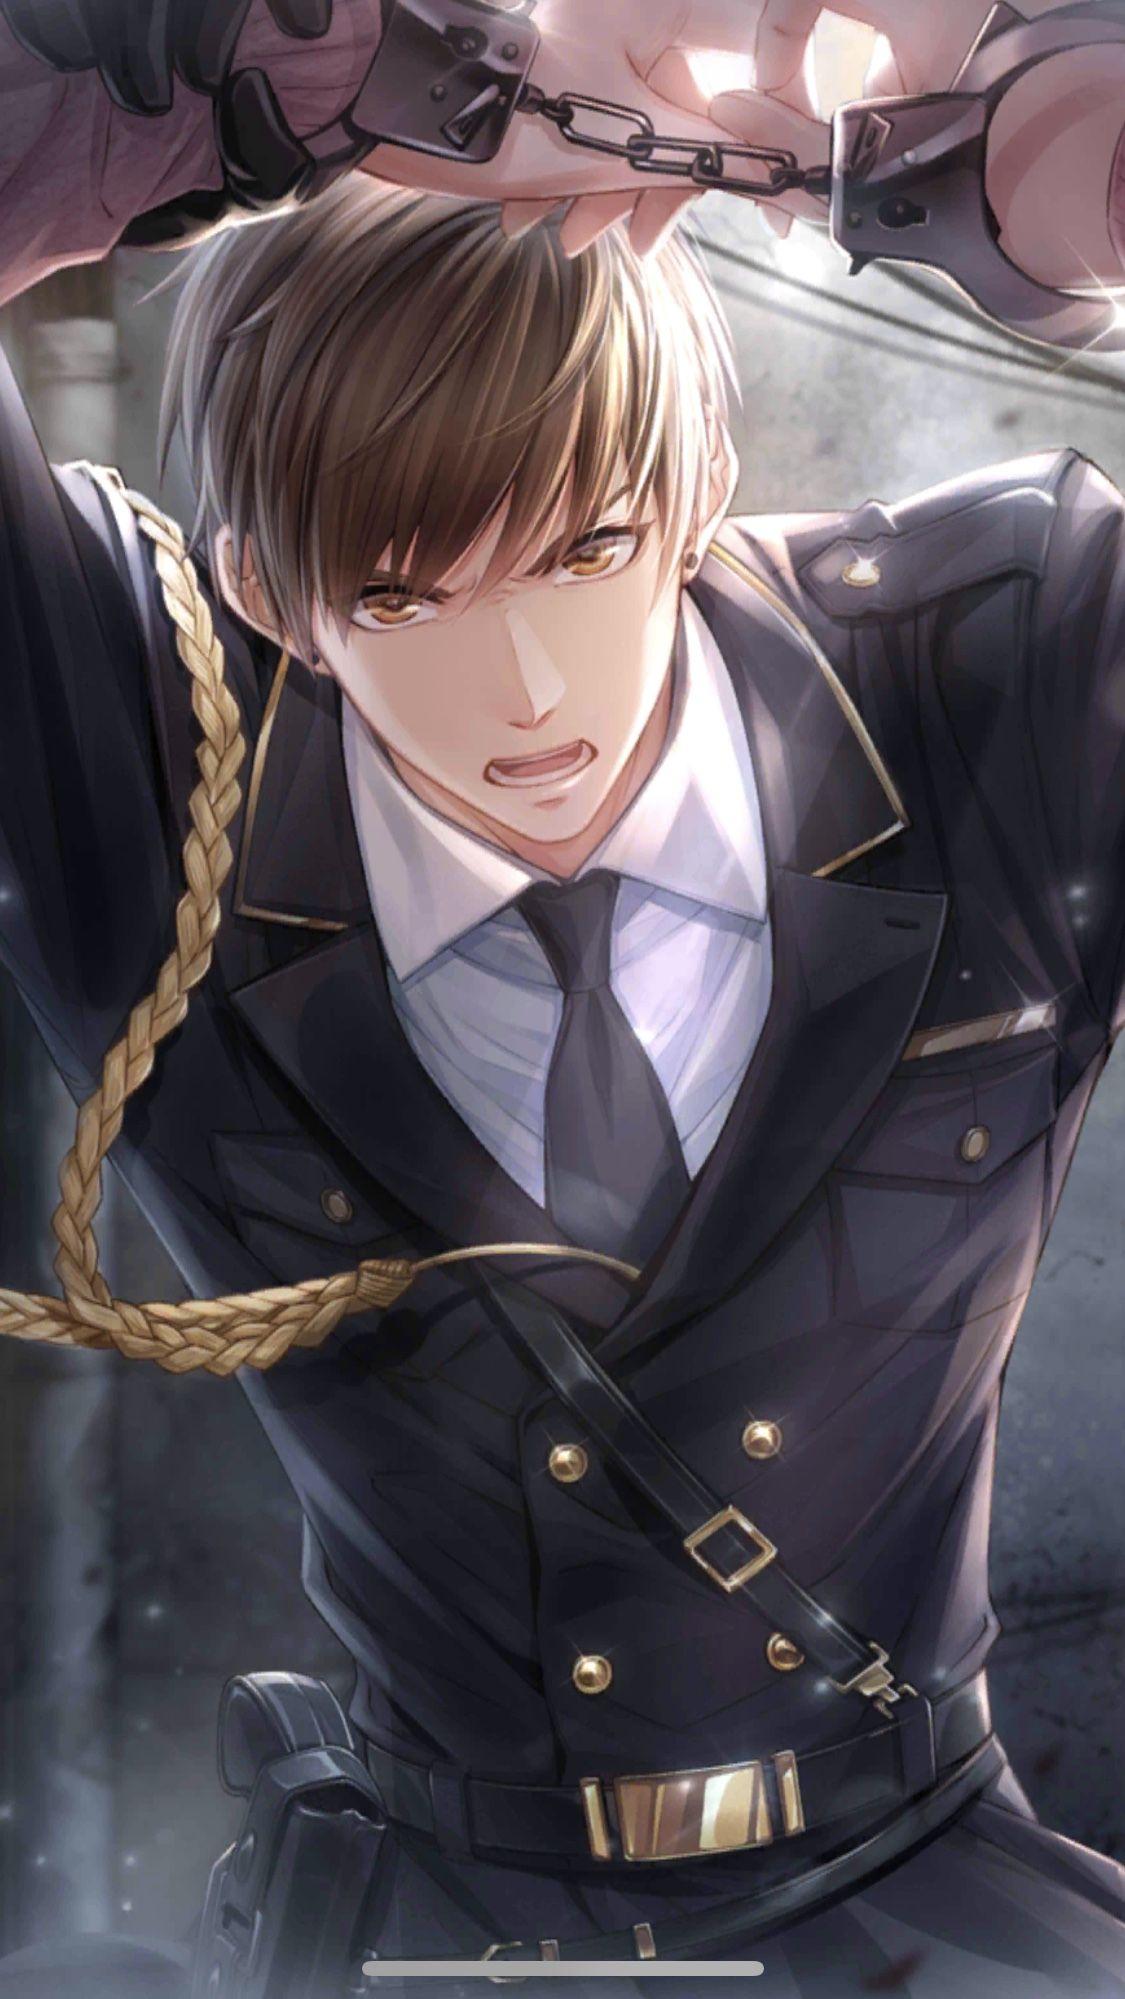 Pin on Anime/Otome